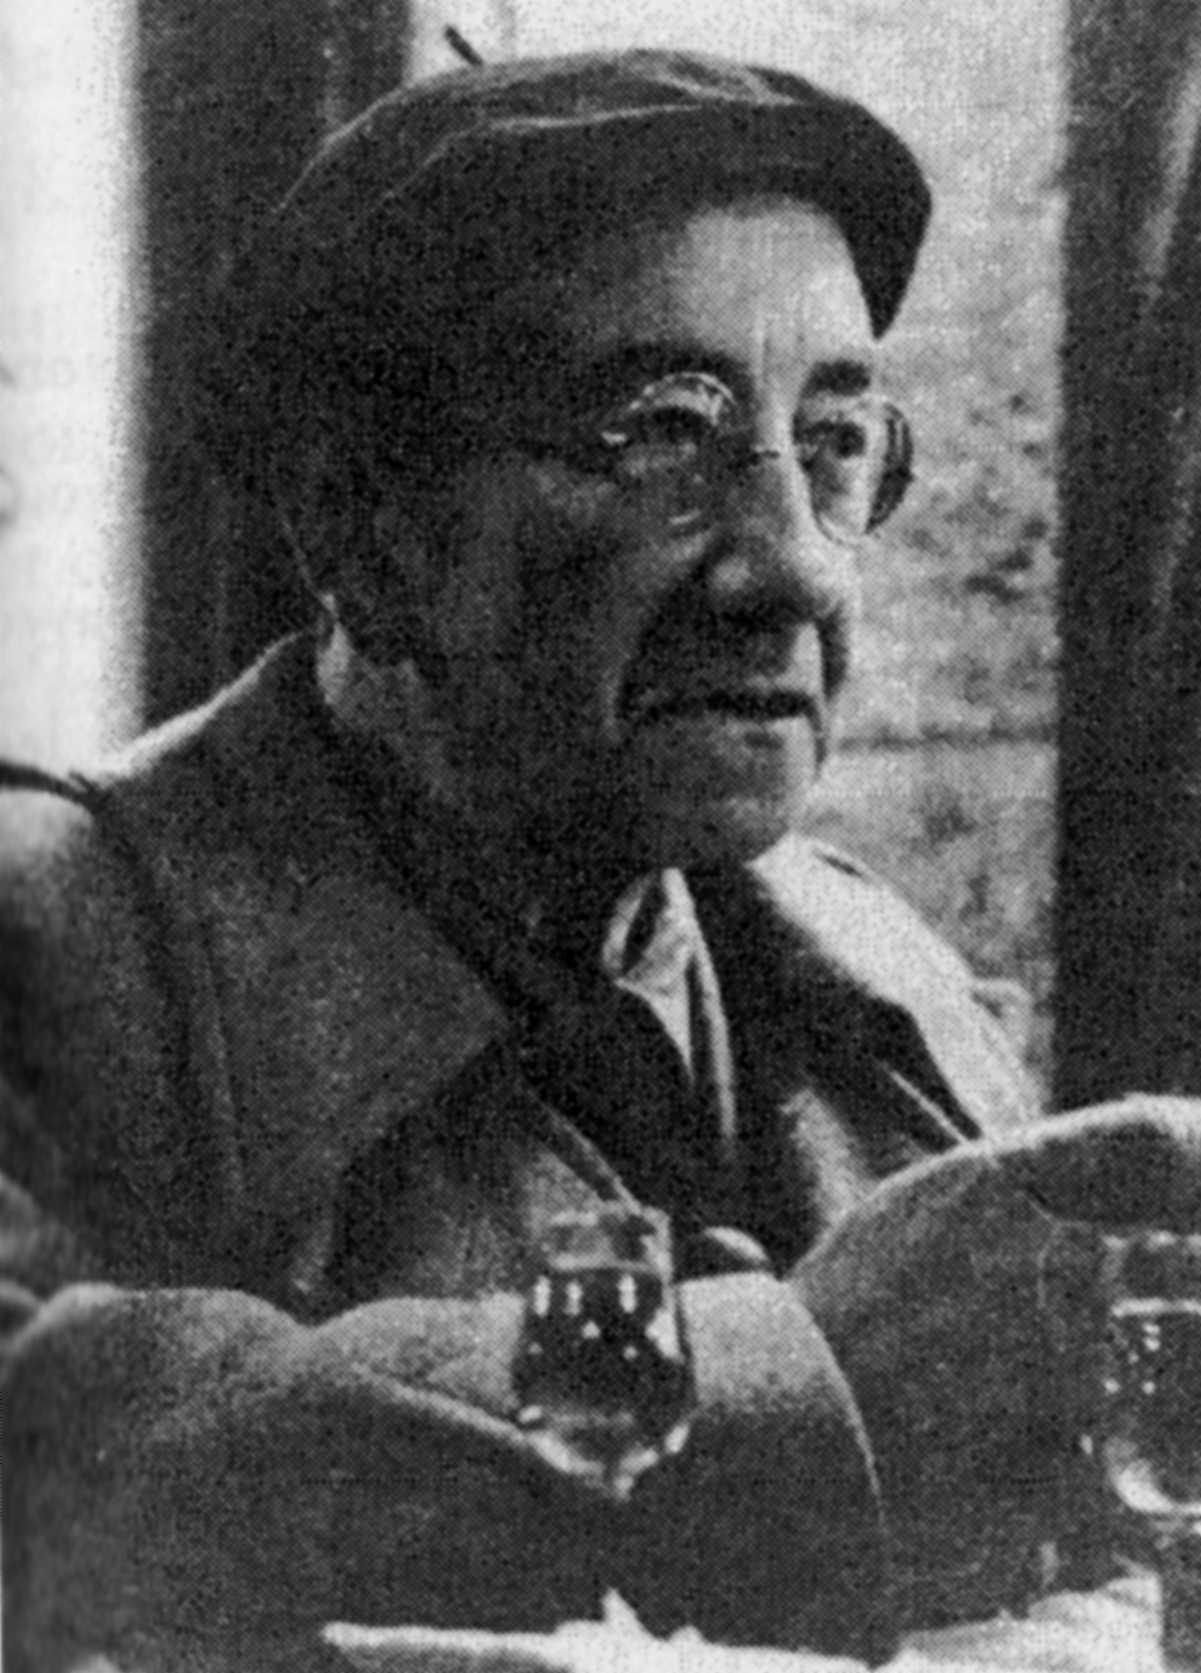 """Carl Einstein fotografiat en """"Match"""" (16 de febrer de 1939), possiblement la seva última foto"""